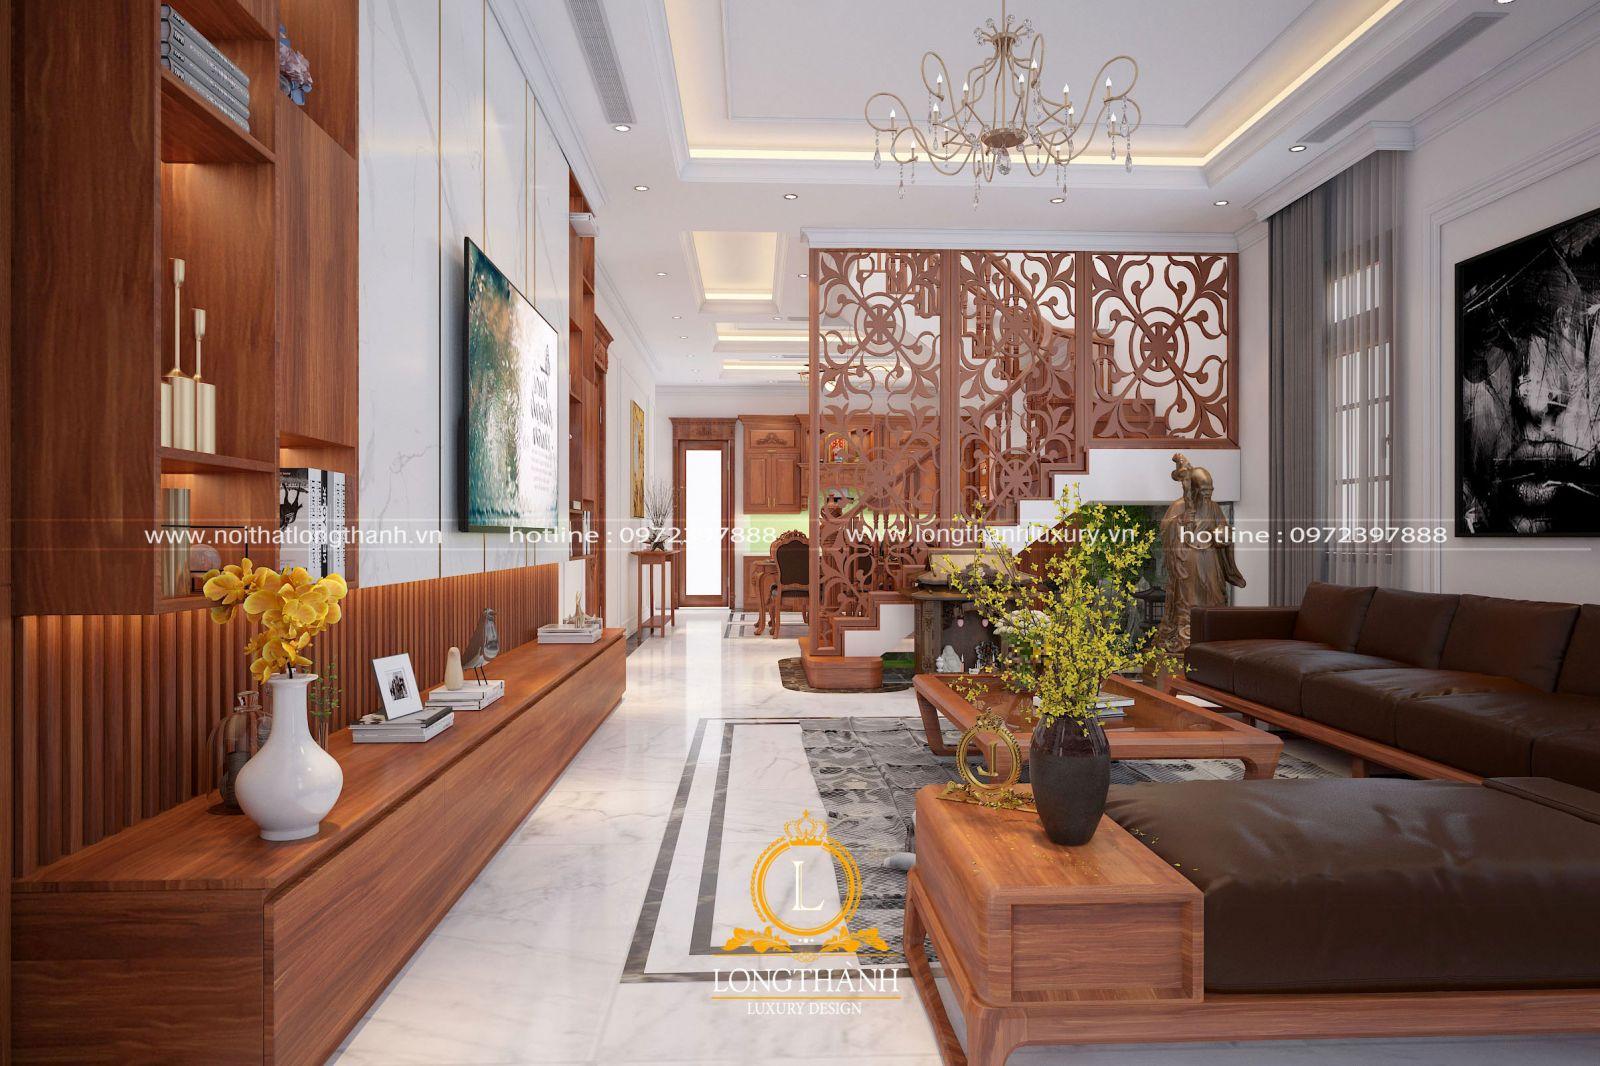 Không gian sang trọng thoáng đãng của phòng khách biệt thự được thiết kế theo phong cách hiện đại